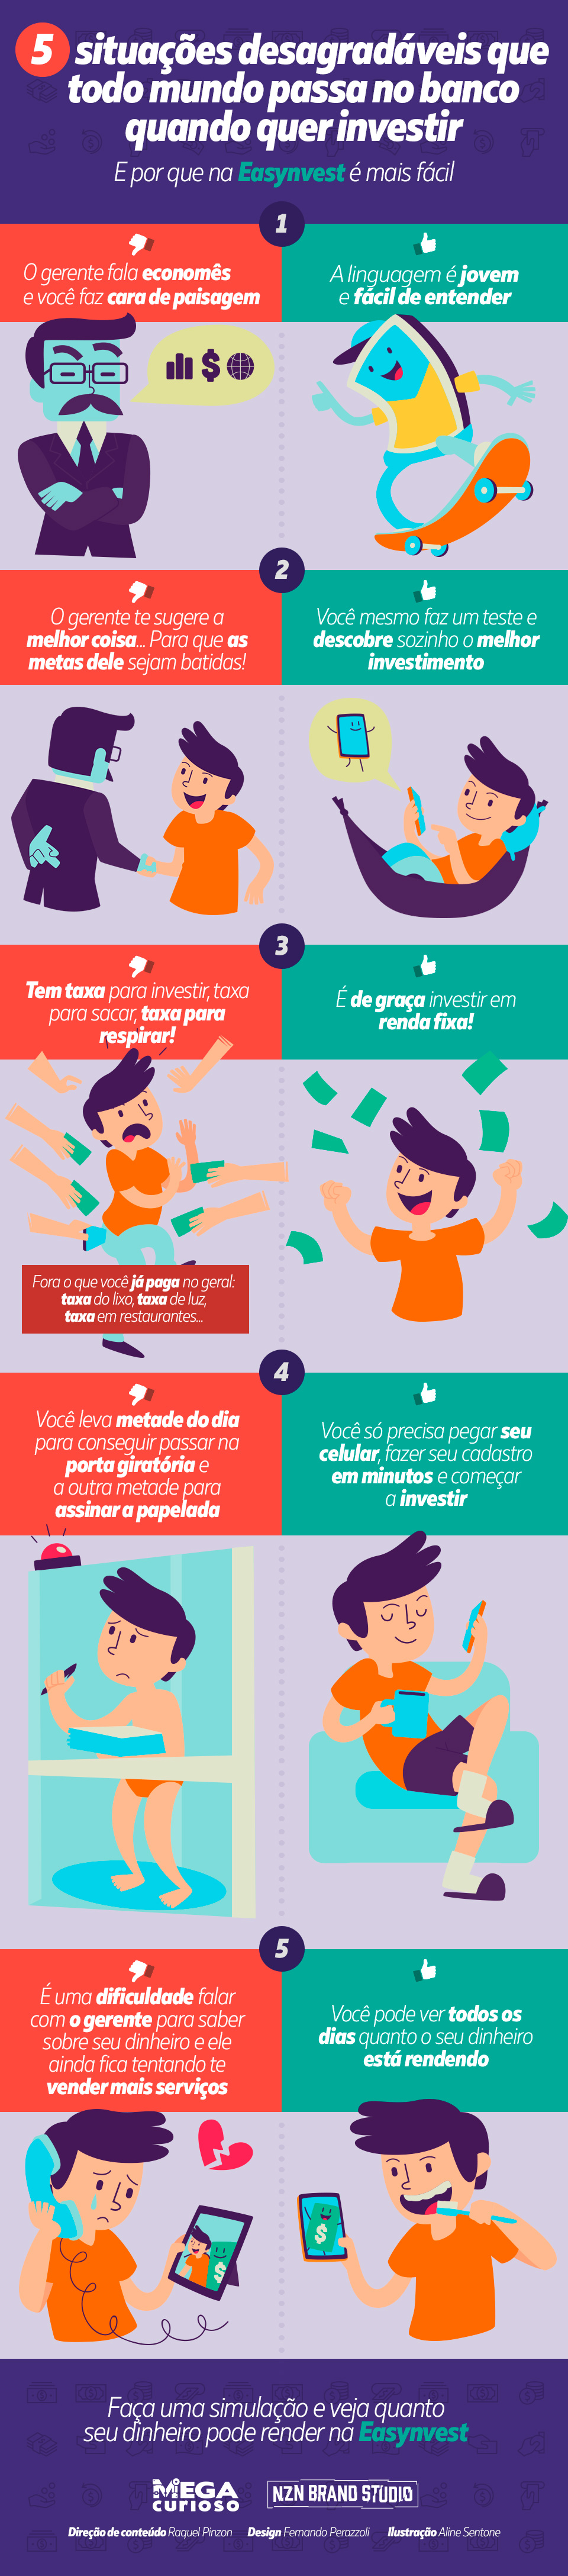 5 situações desagradáveis que todo mundo passa no banco [infográfico]